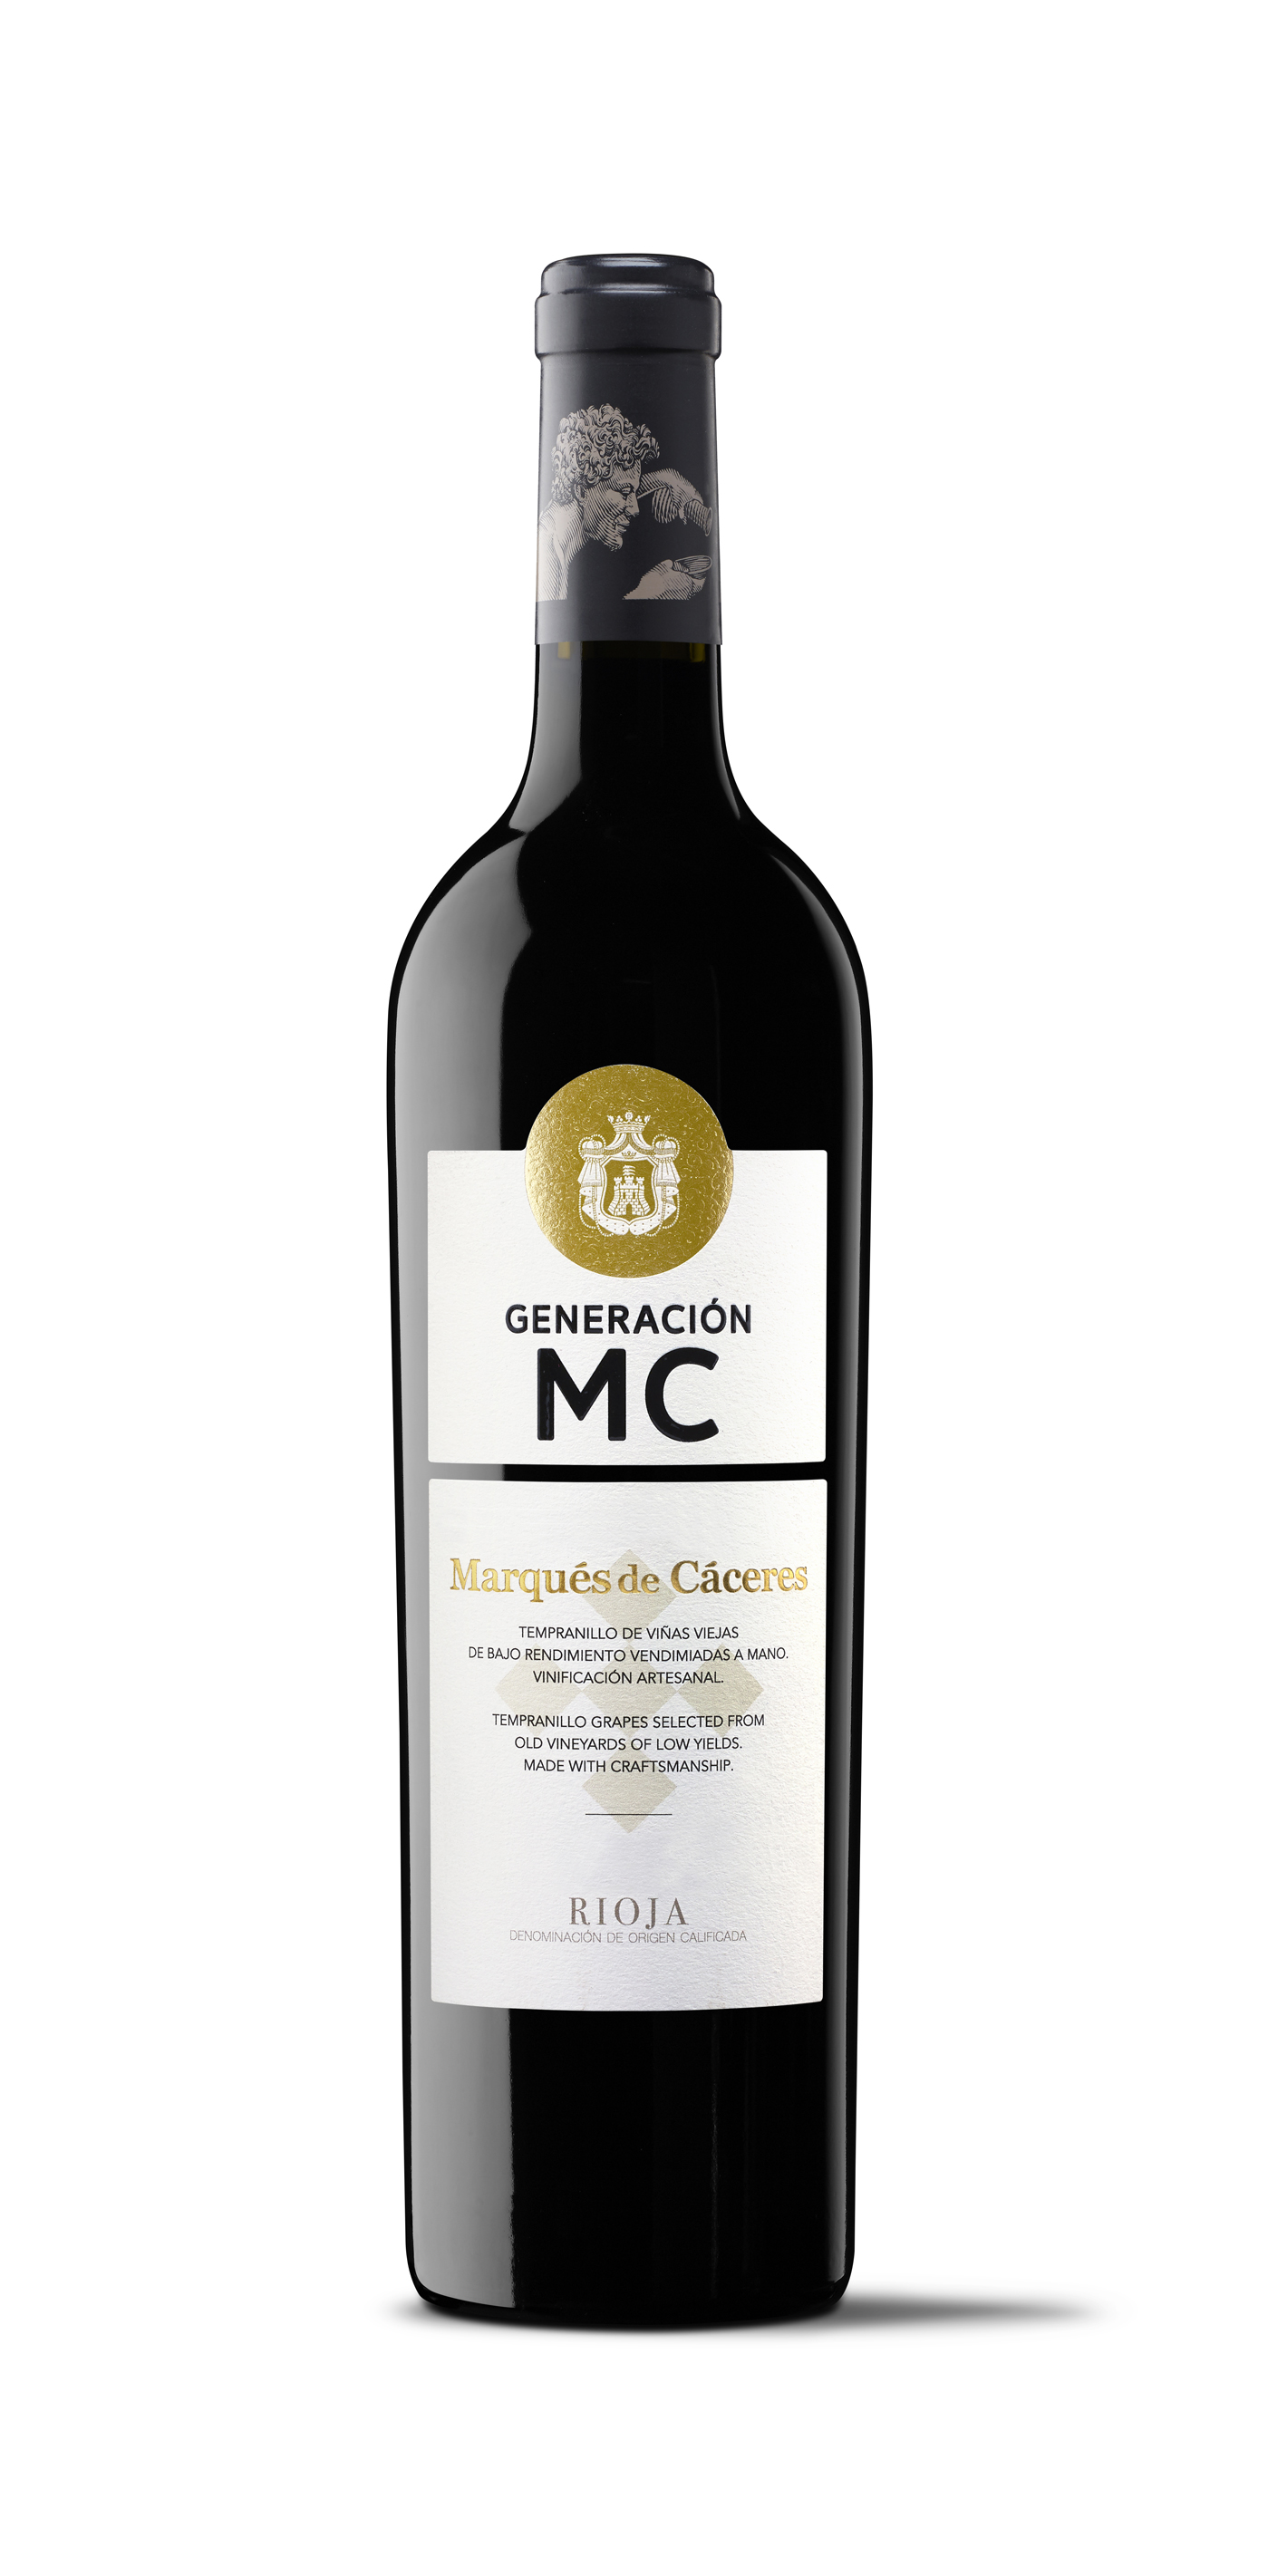 Generación Mc